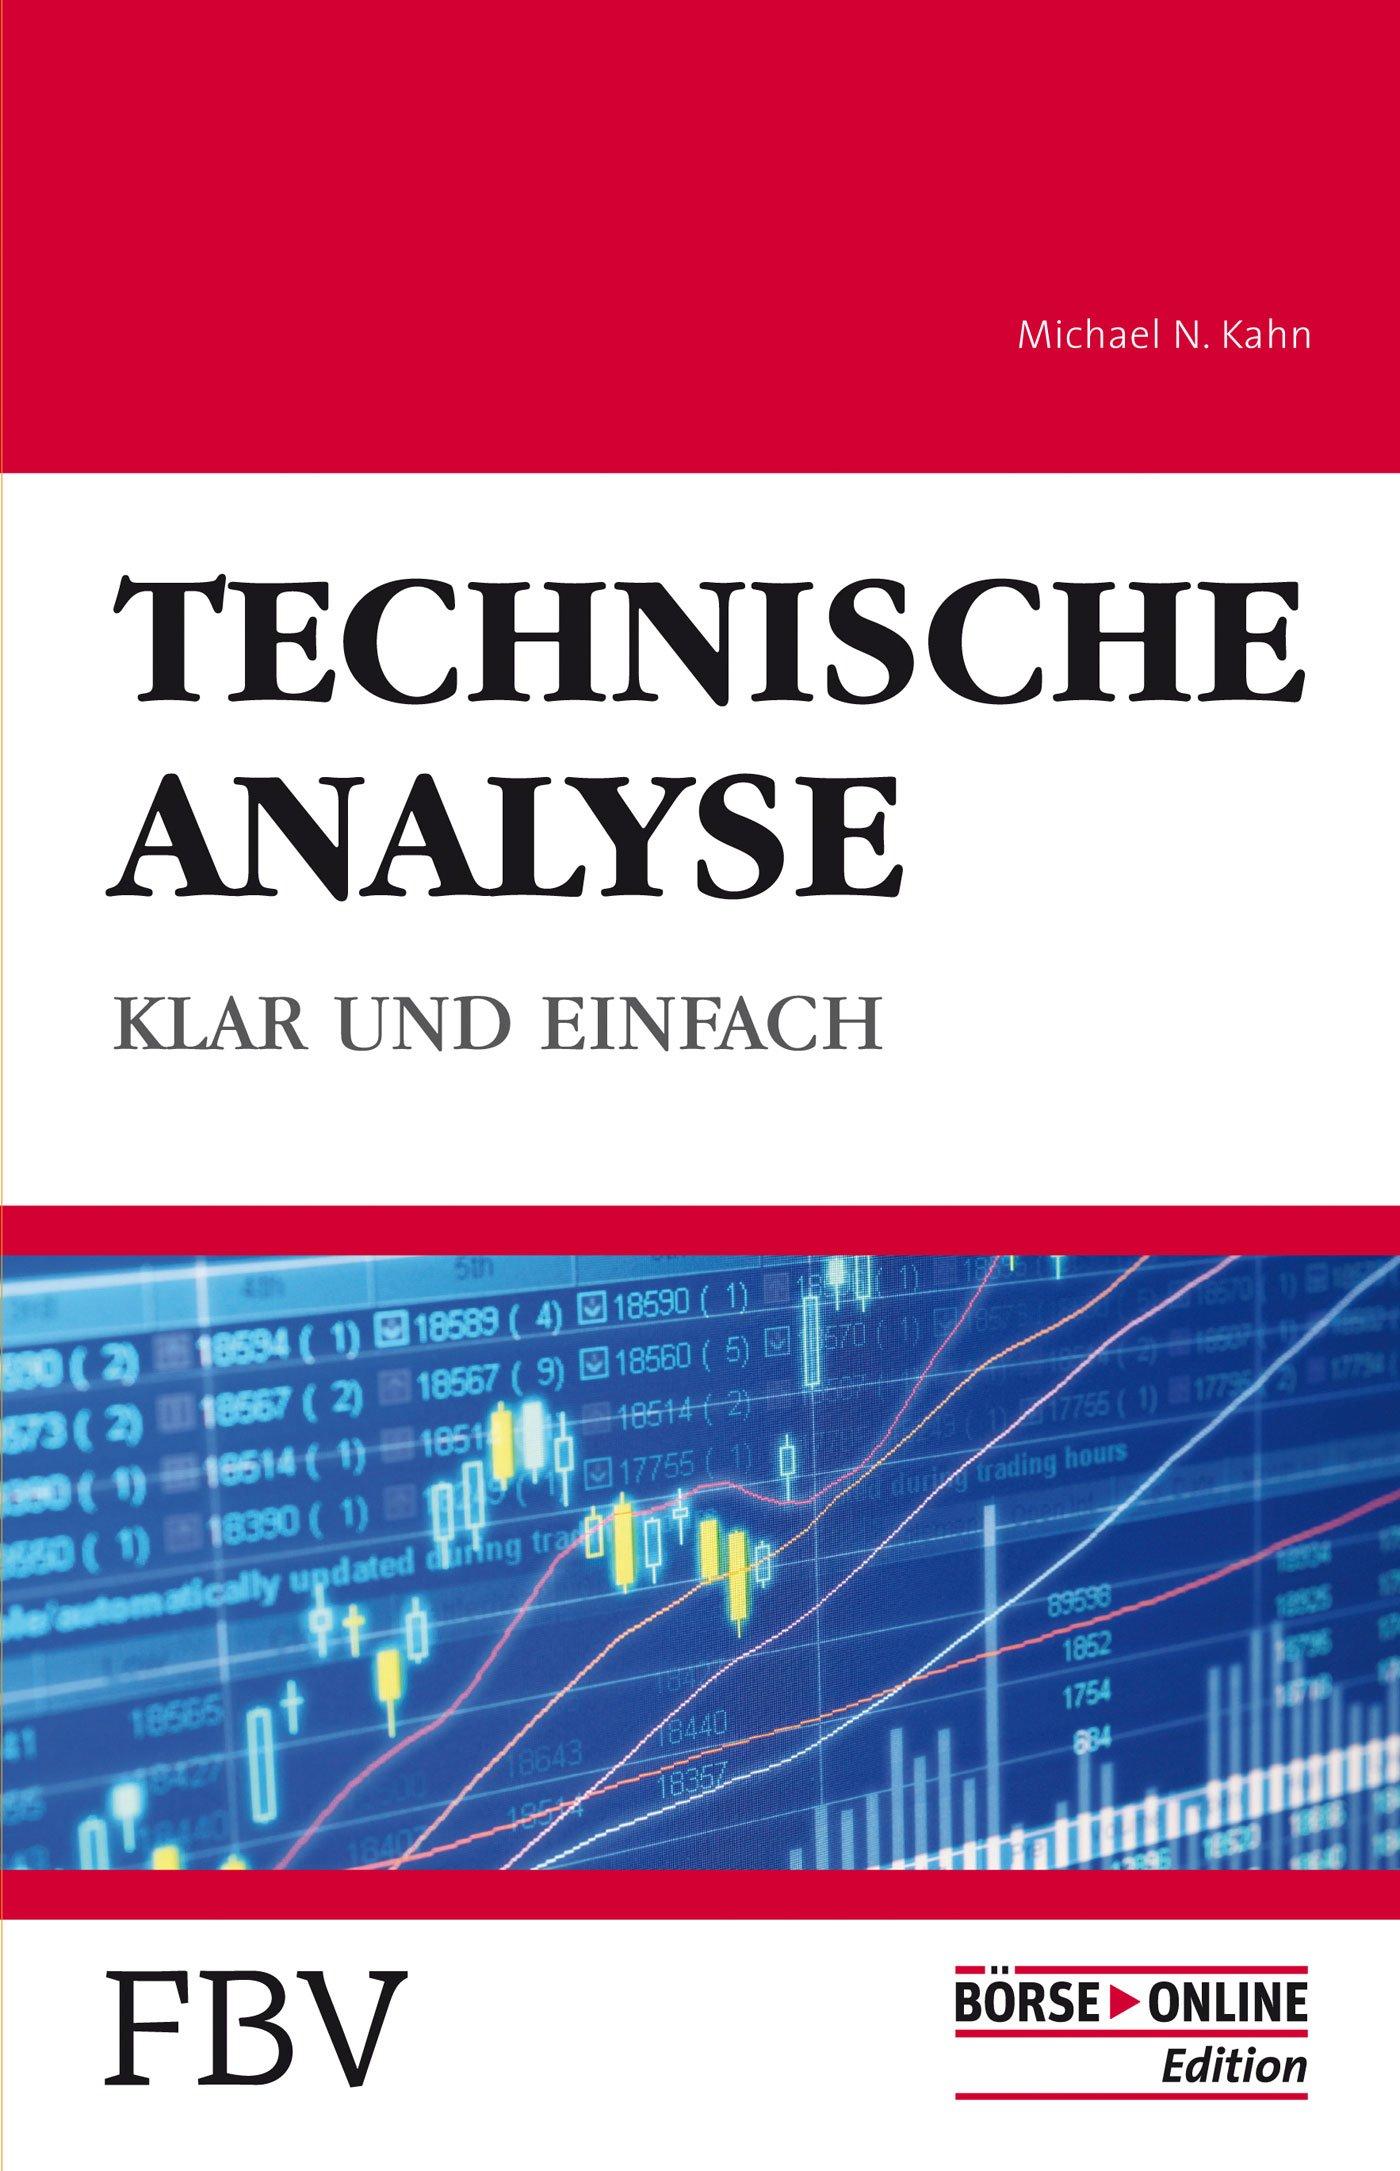 Technische Analyse: Klar und Einfach Taschenbuch – 5. Dezember 2012 Michael N. Kahn FinanzBuch Verlag 3898797171 Chartanalyse; Einführung